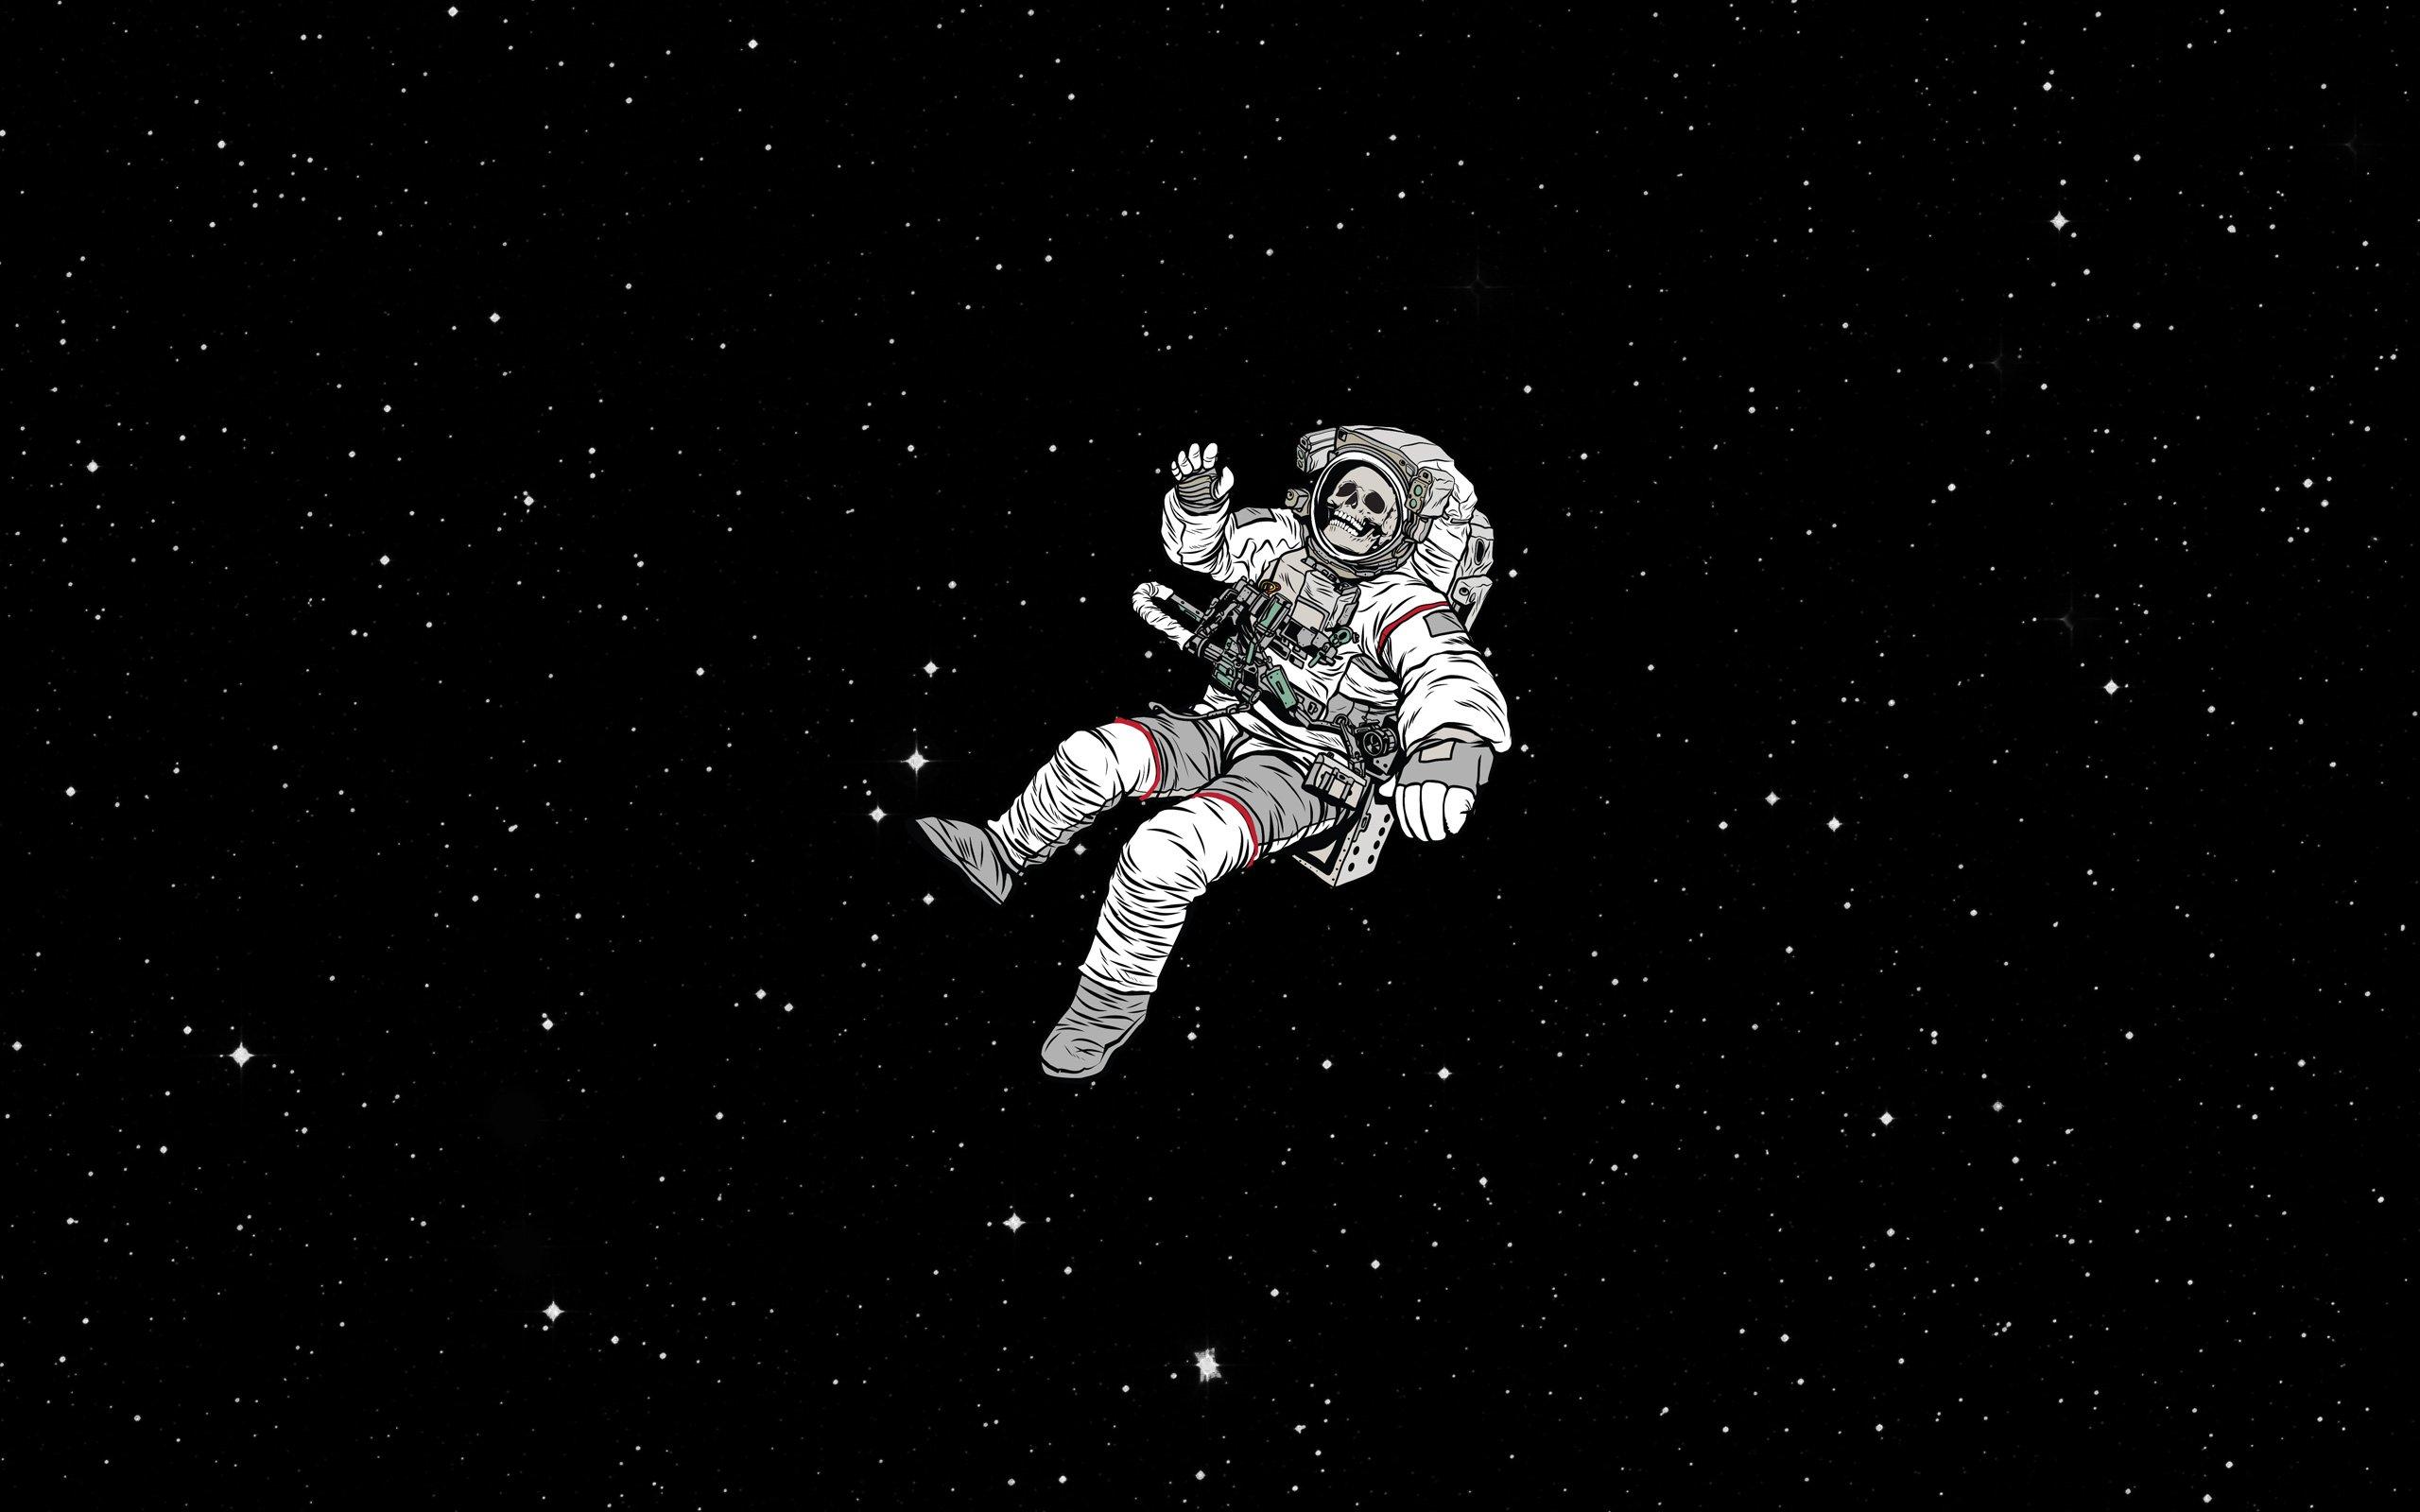 Hình nền đen trắng cho máy tính người ngoài không gian